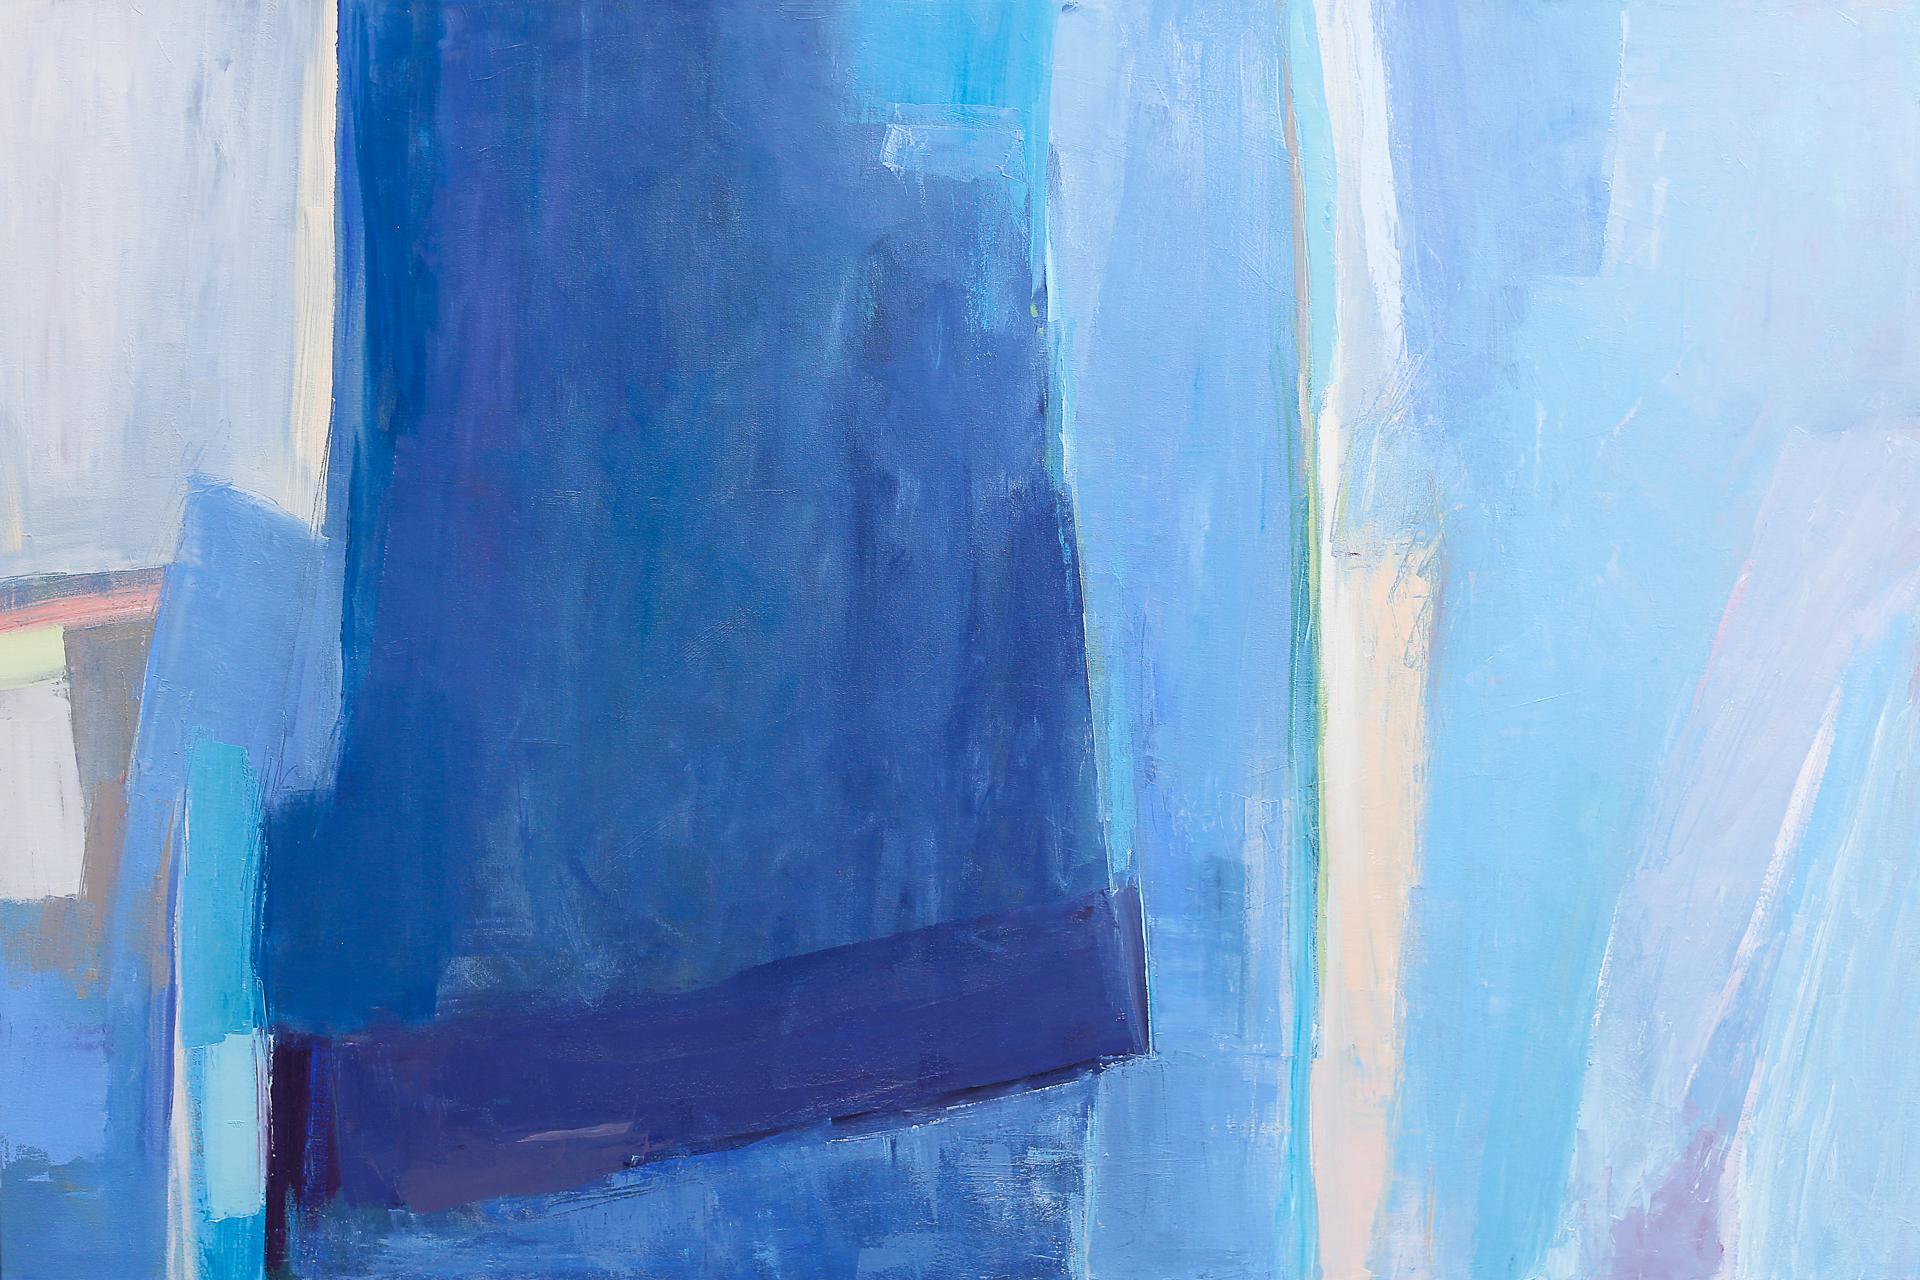 Time Stood Still by Marissa Vogl